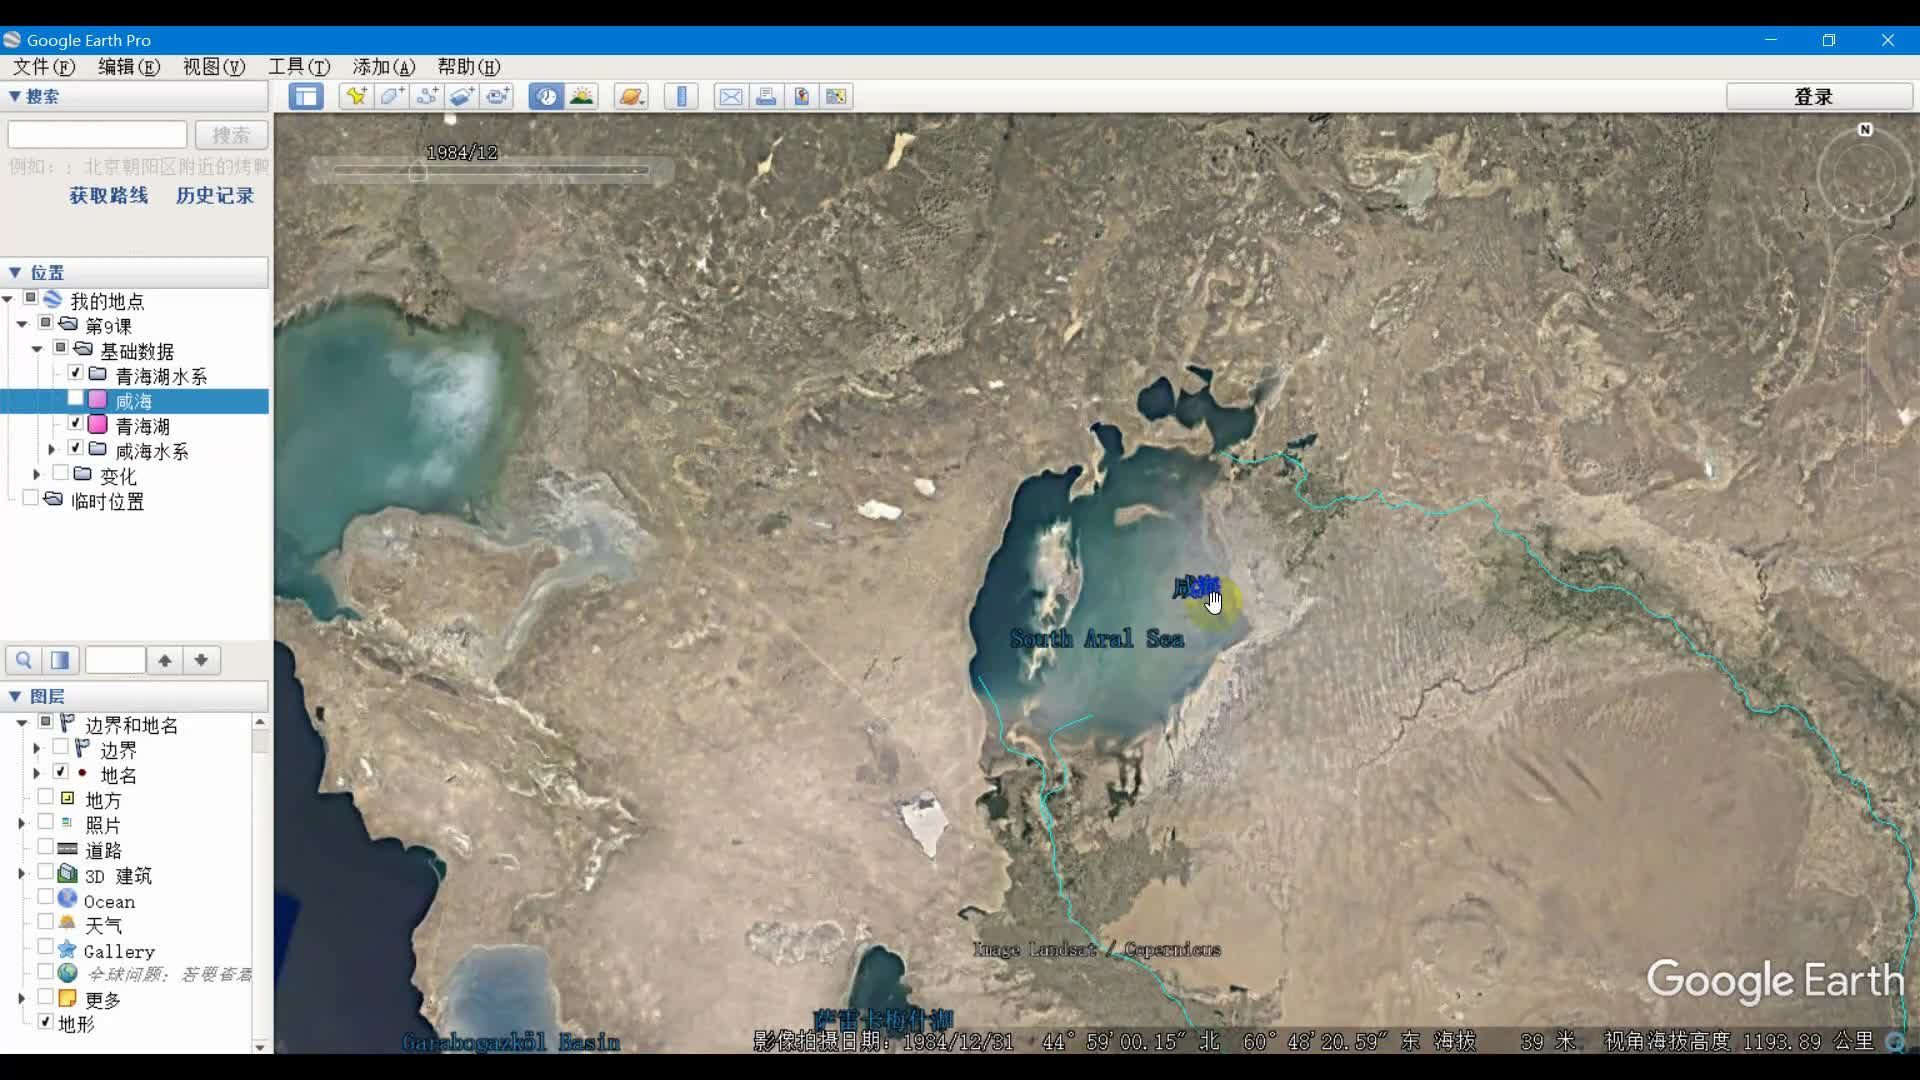 09历史图层应用——跨时空观沧桑变迁-《玩转谷歌地球——Google Earth地理教学应用培训教程》